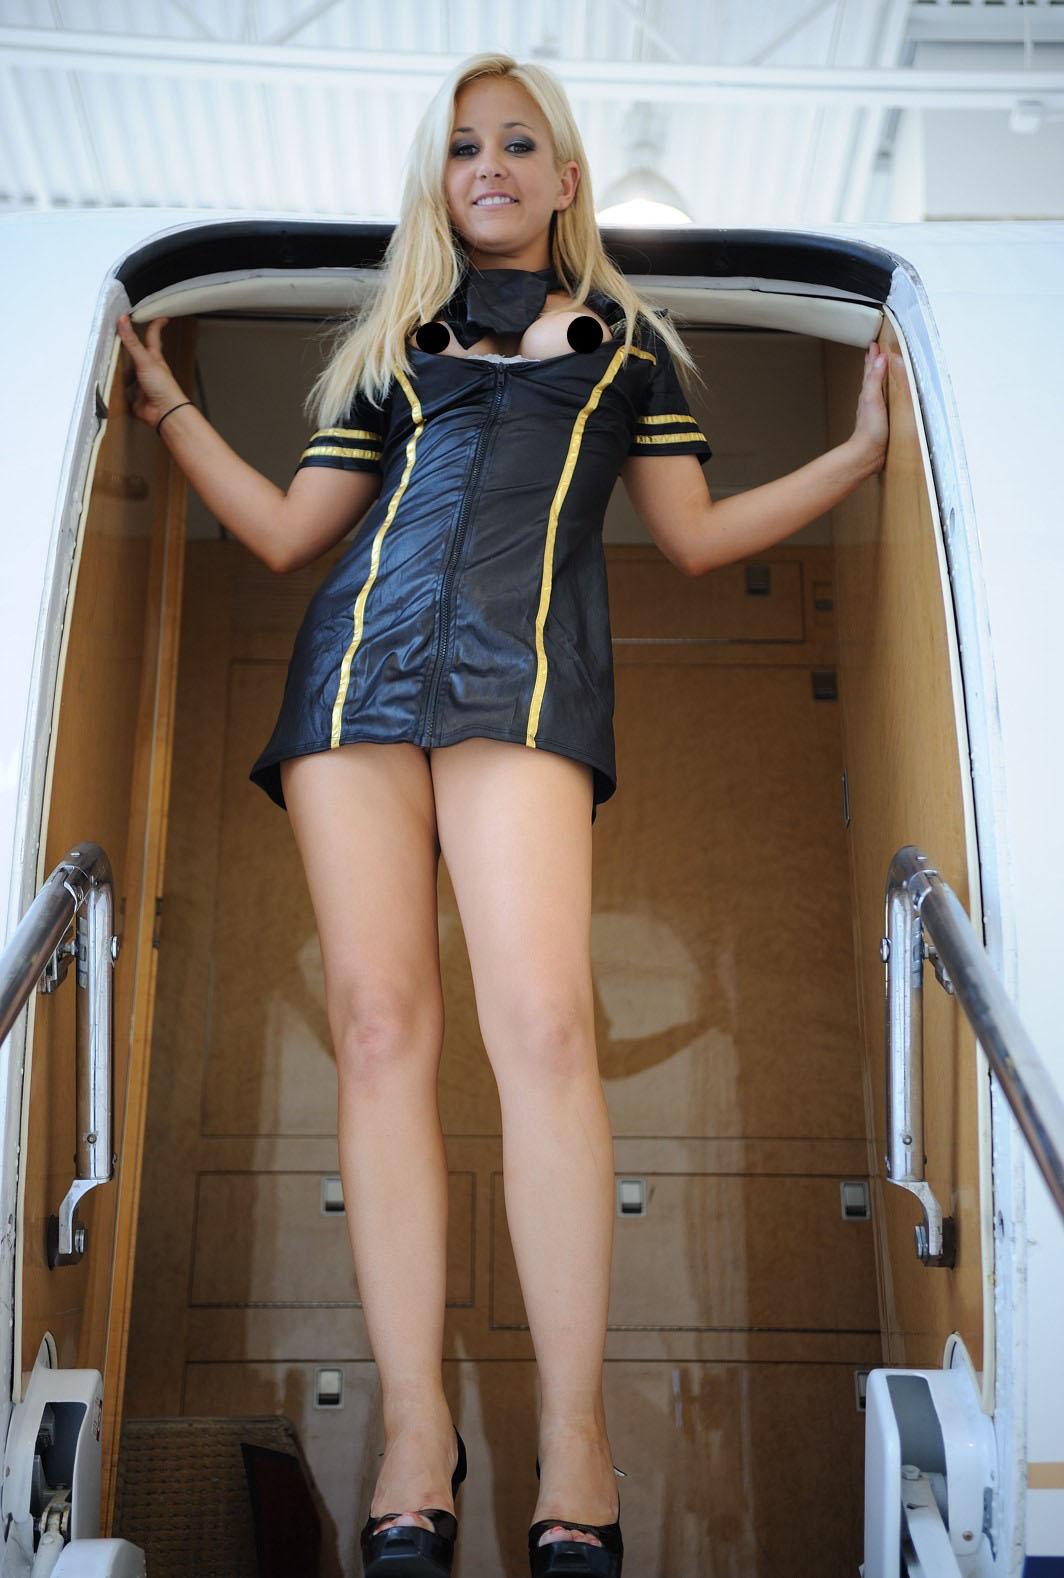 Nude Stewardess Thumbs 92